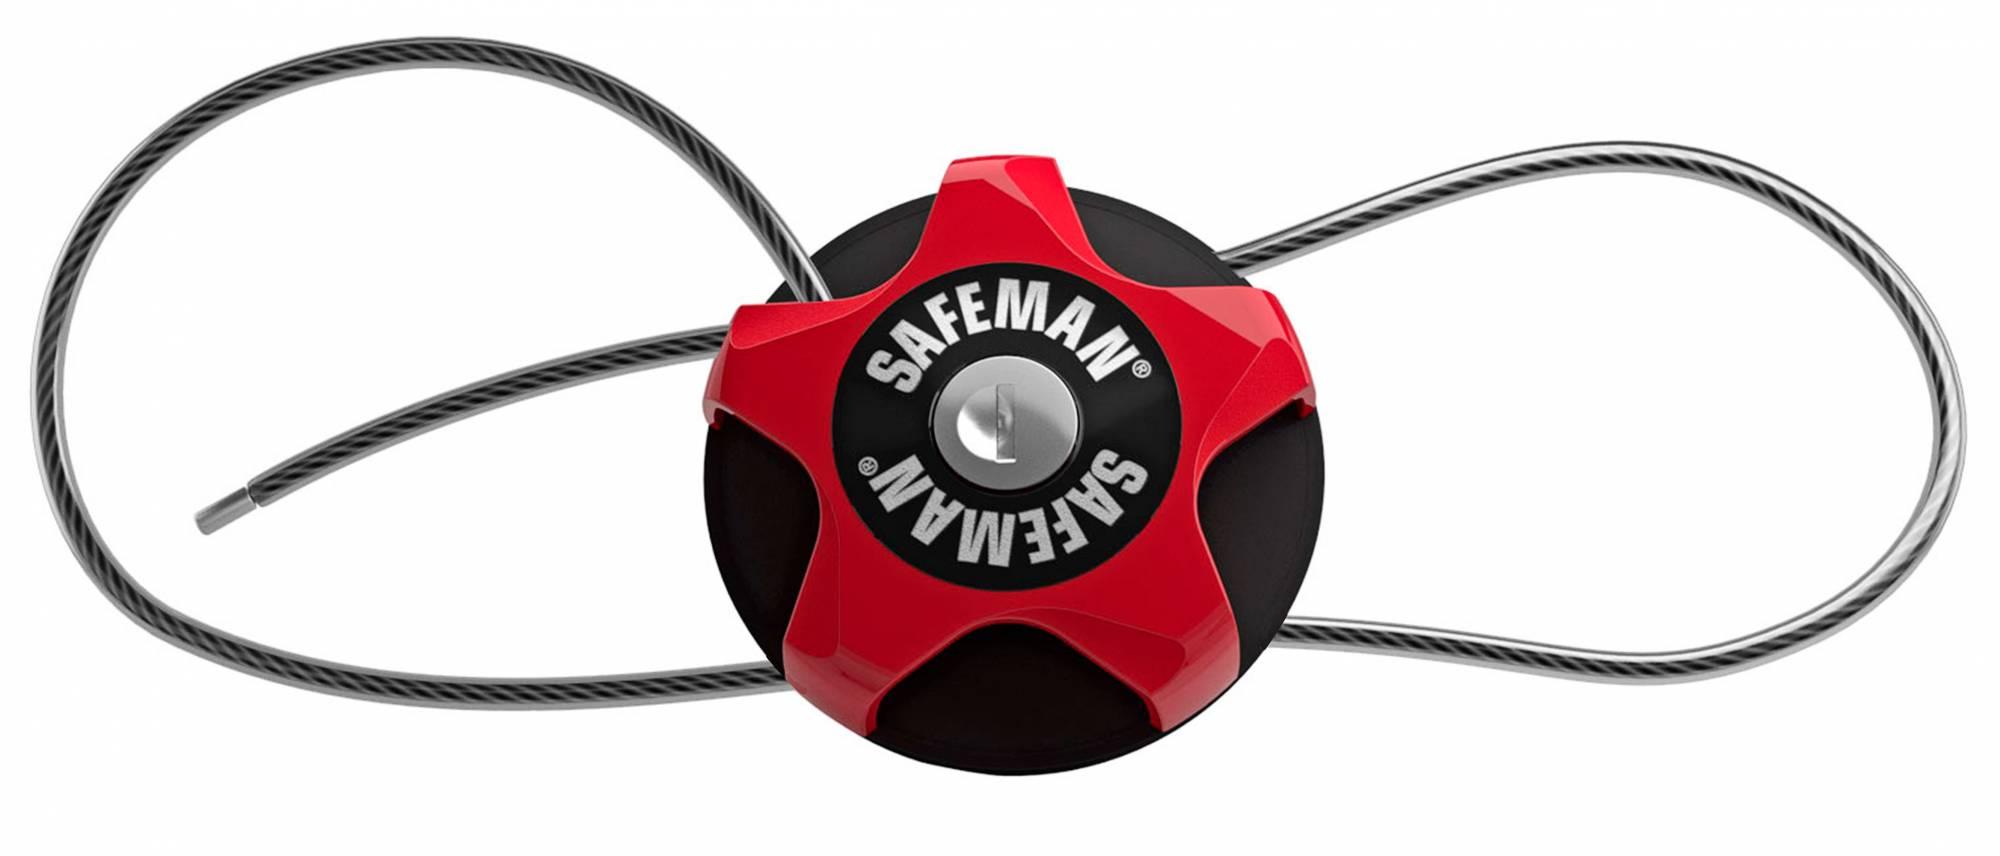 De Safeman heeft een 4mm dikke edelstalen kabel met een lengte van 75 cm.